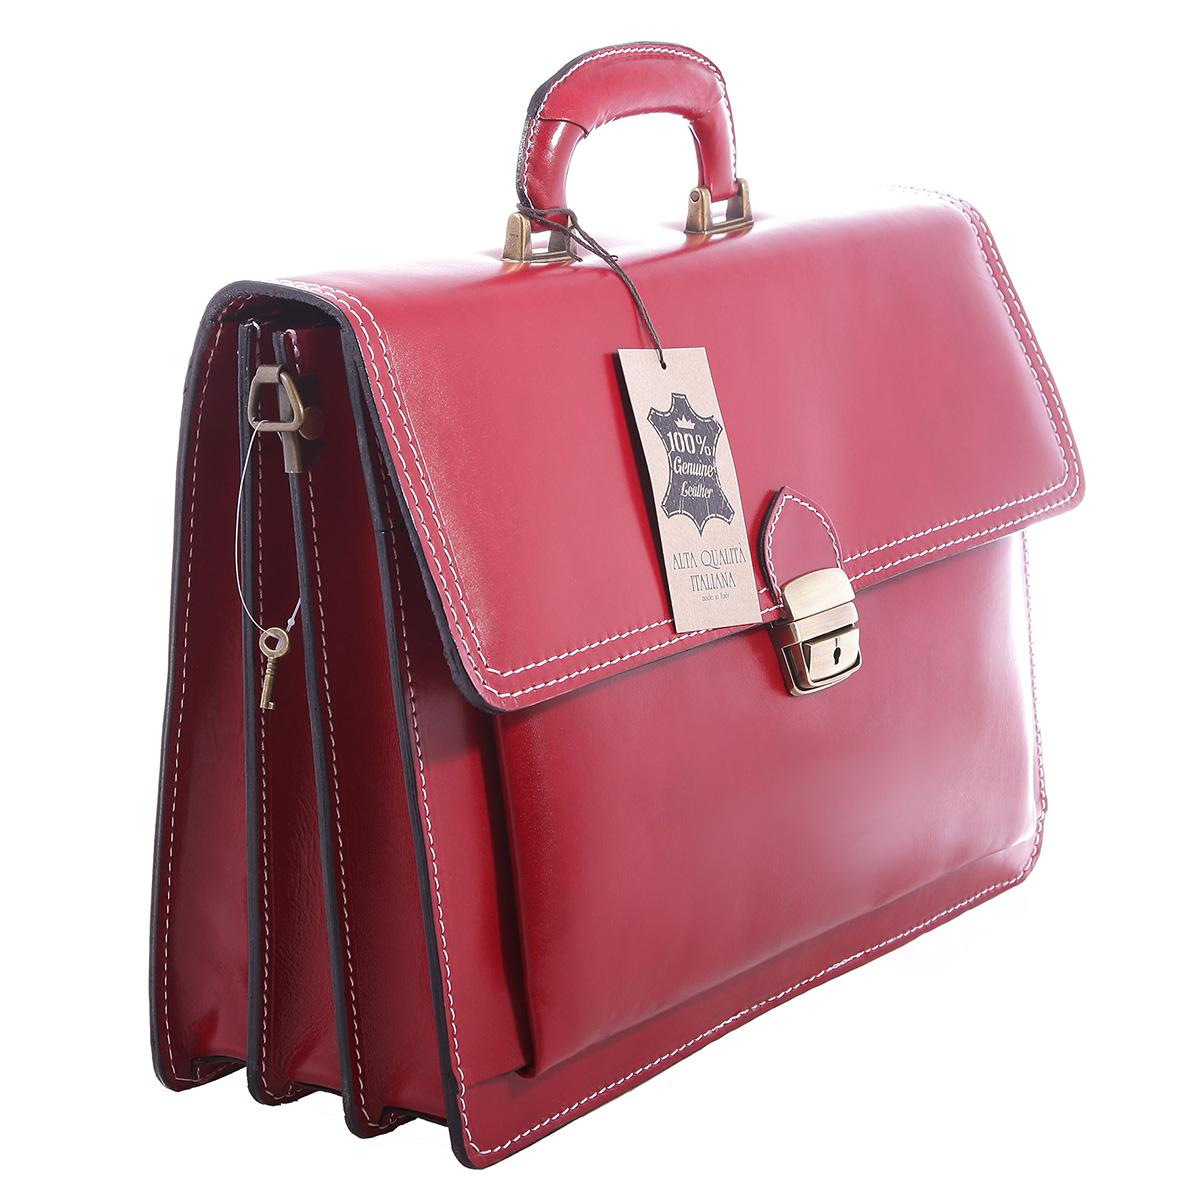 borsa cartella porta documenti uomo vera pelle made in italy marrone scuro 7009